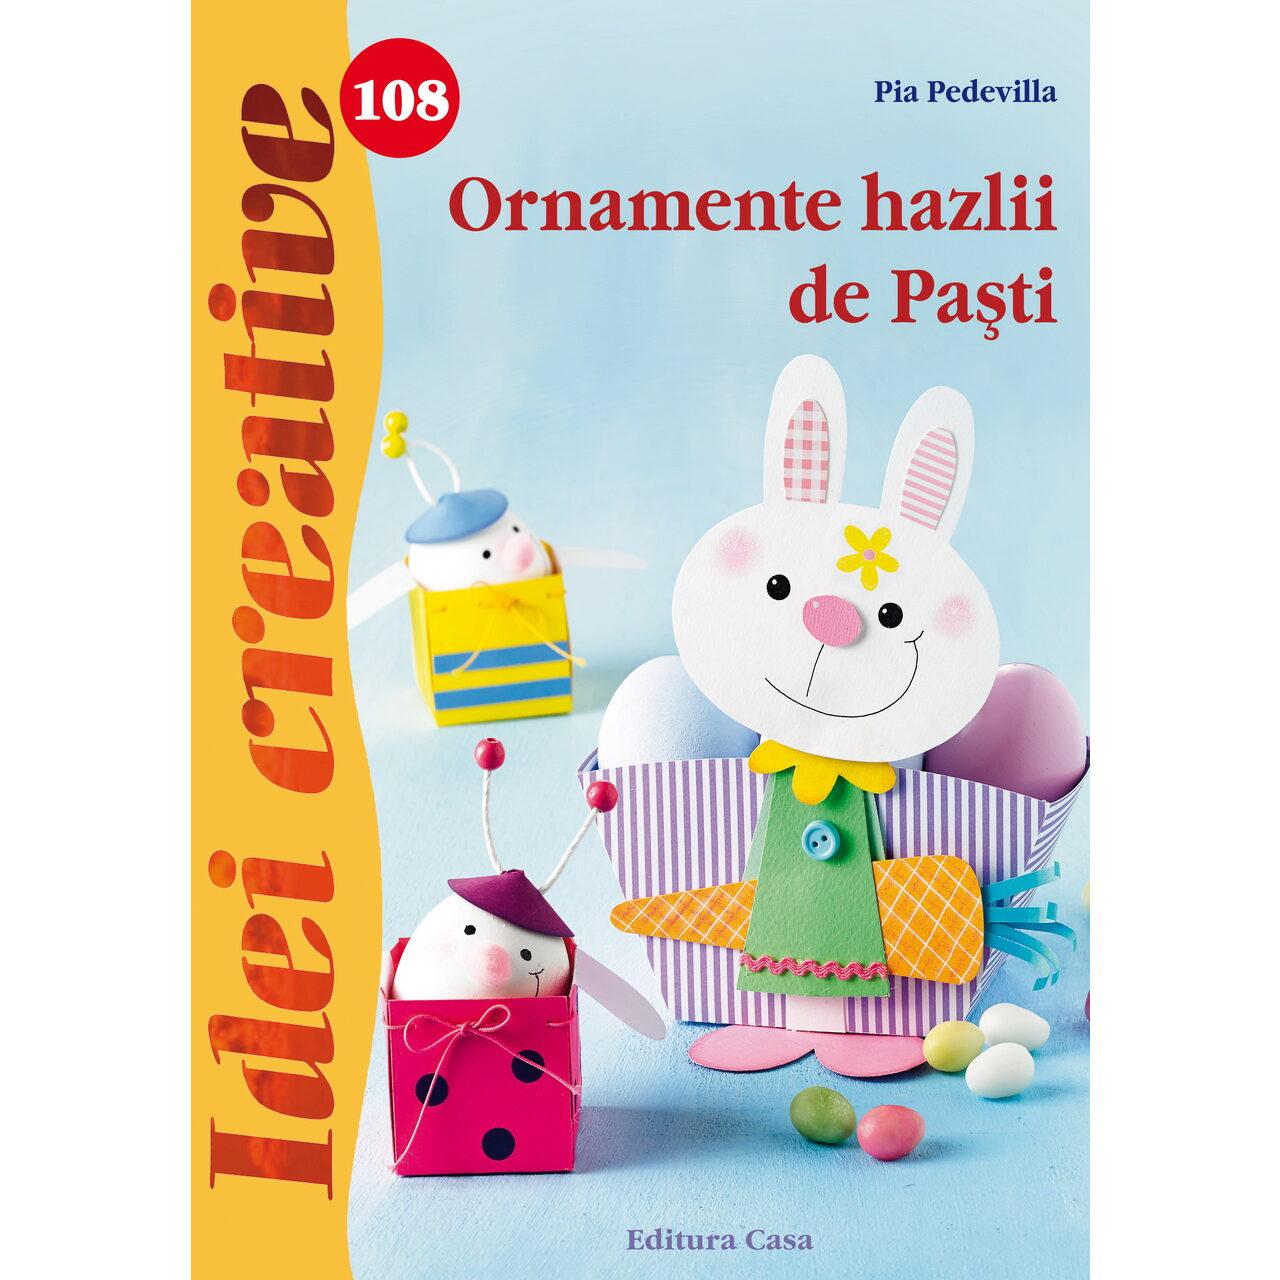 Ornamente hazlii de Paşti - Idei creative 108 imagine edituracasa.ro